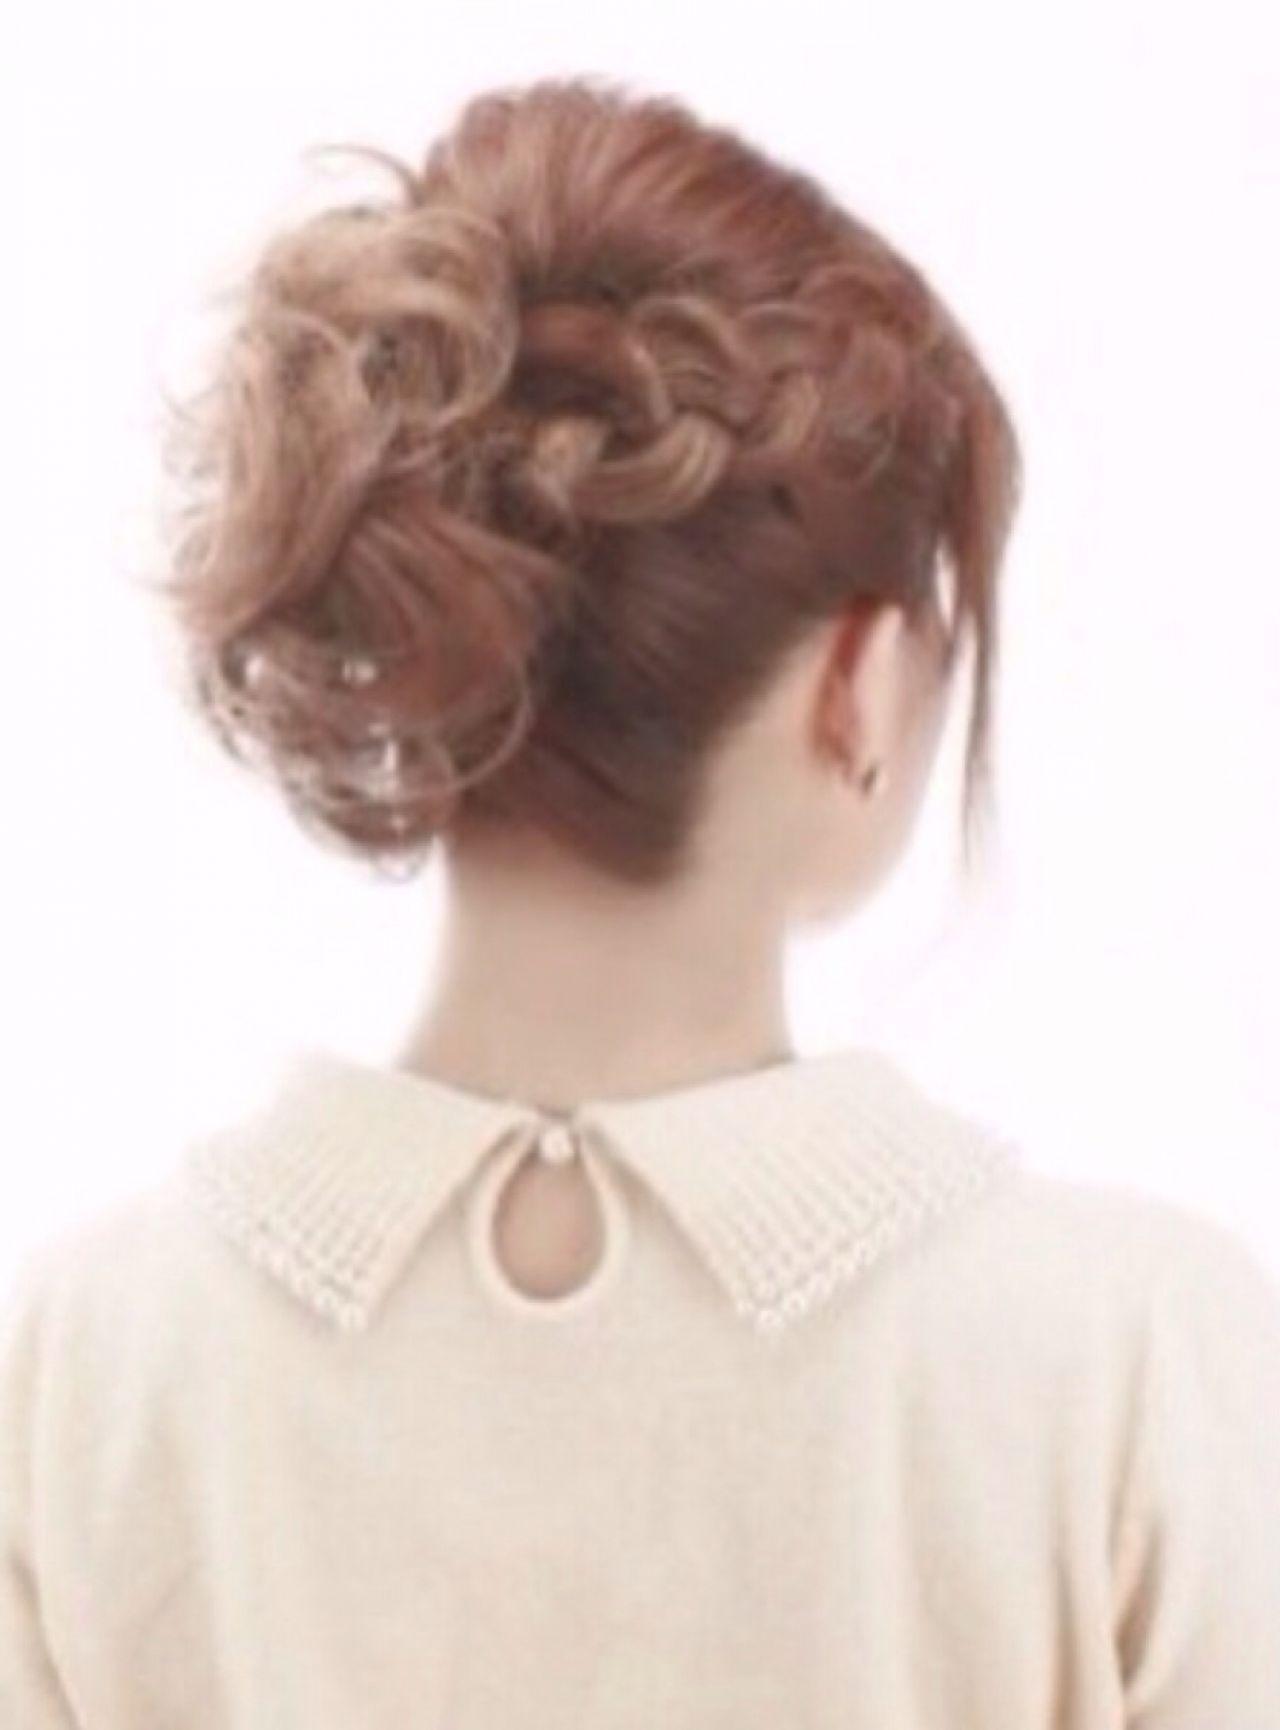 絶対に失敗したくない!クリスマスに向けた愛されヘアアレンジ♡ Miyuki Shibayama